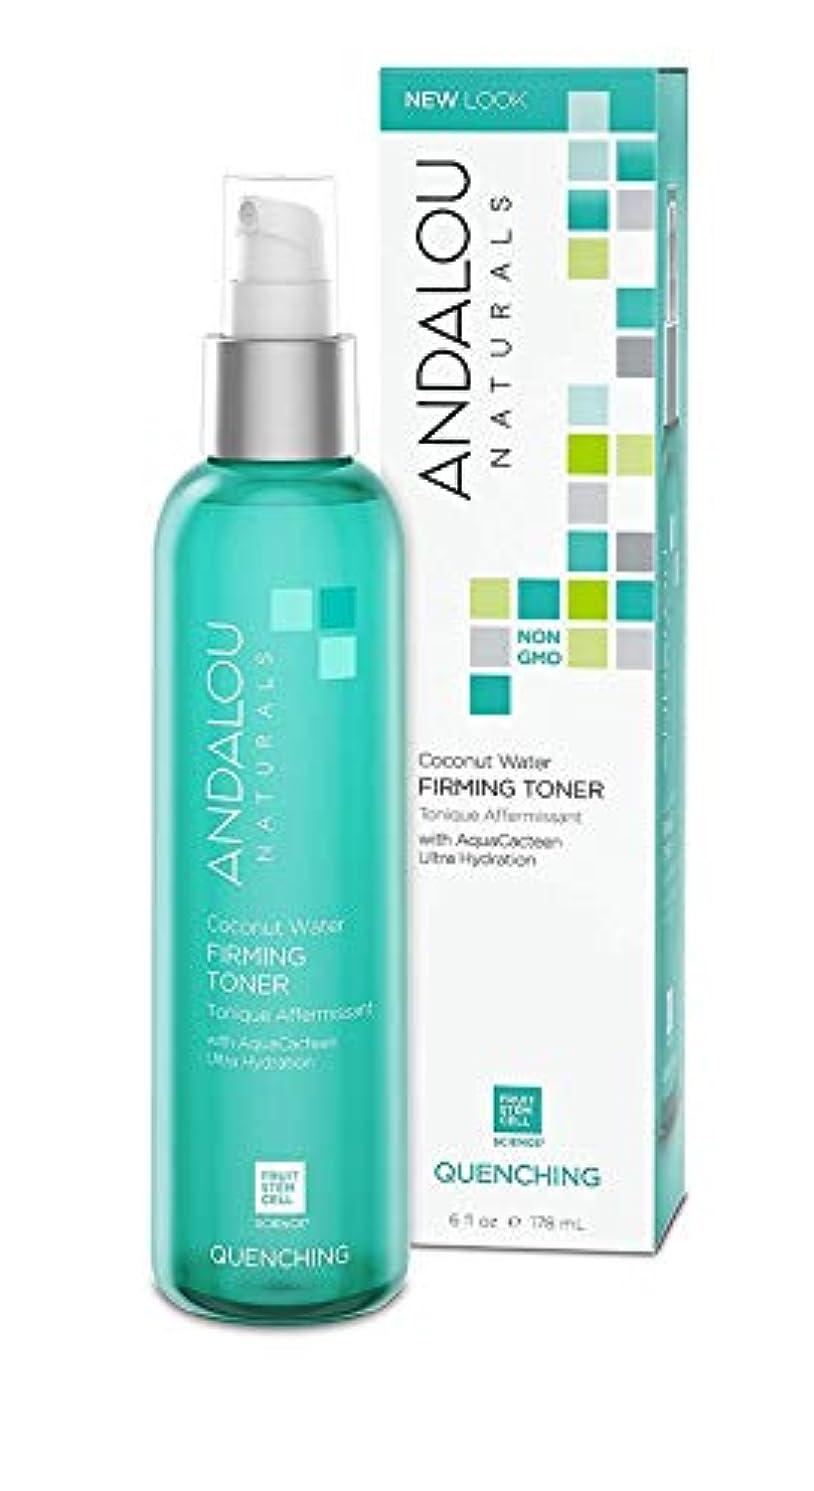 一般的な日没独創的オーガニック ボタニカル 化粧水 トナー ナチュラル フルーツ幹細胞 「 CW トナー 」 ANDALOU naturals アンダルー ナチュラルズ